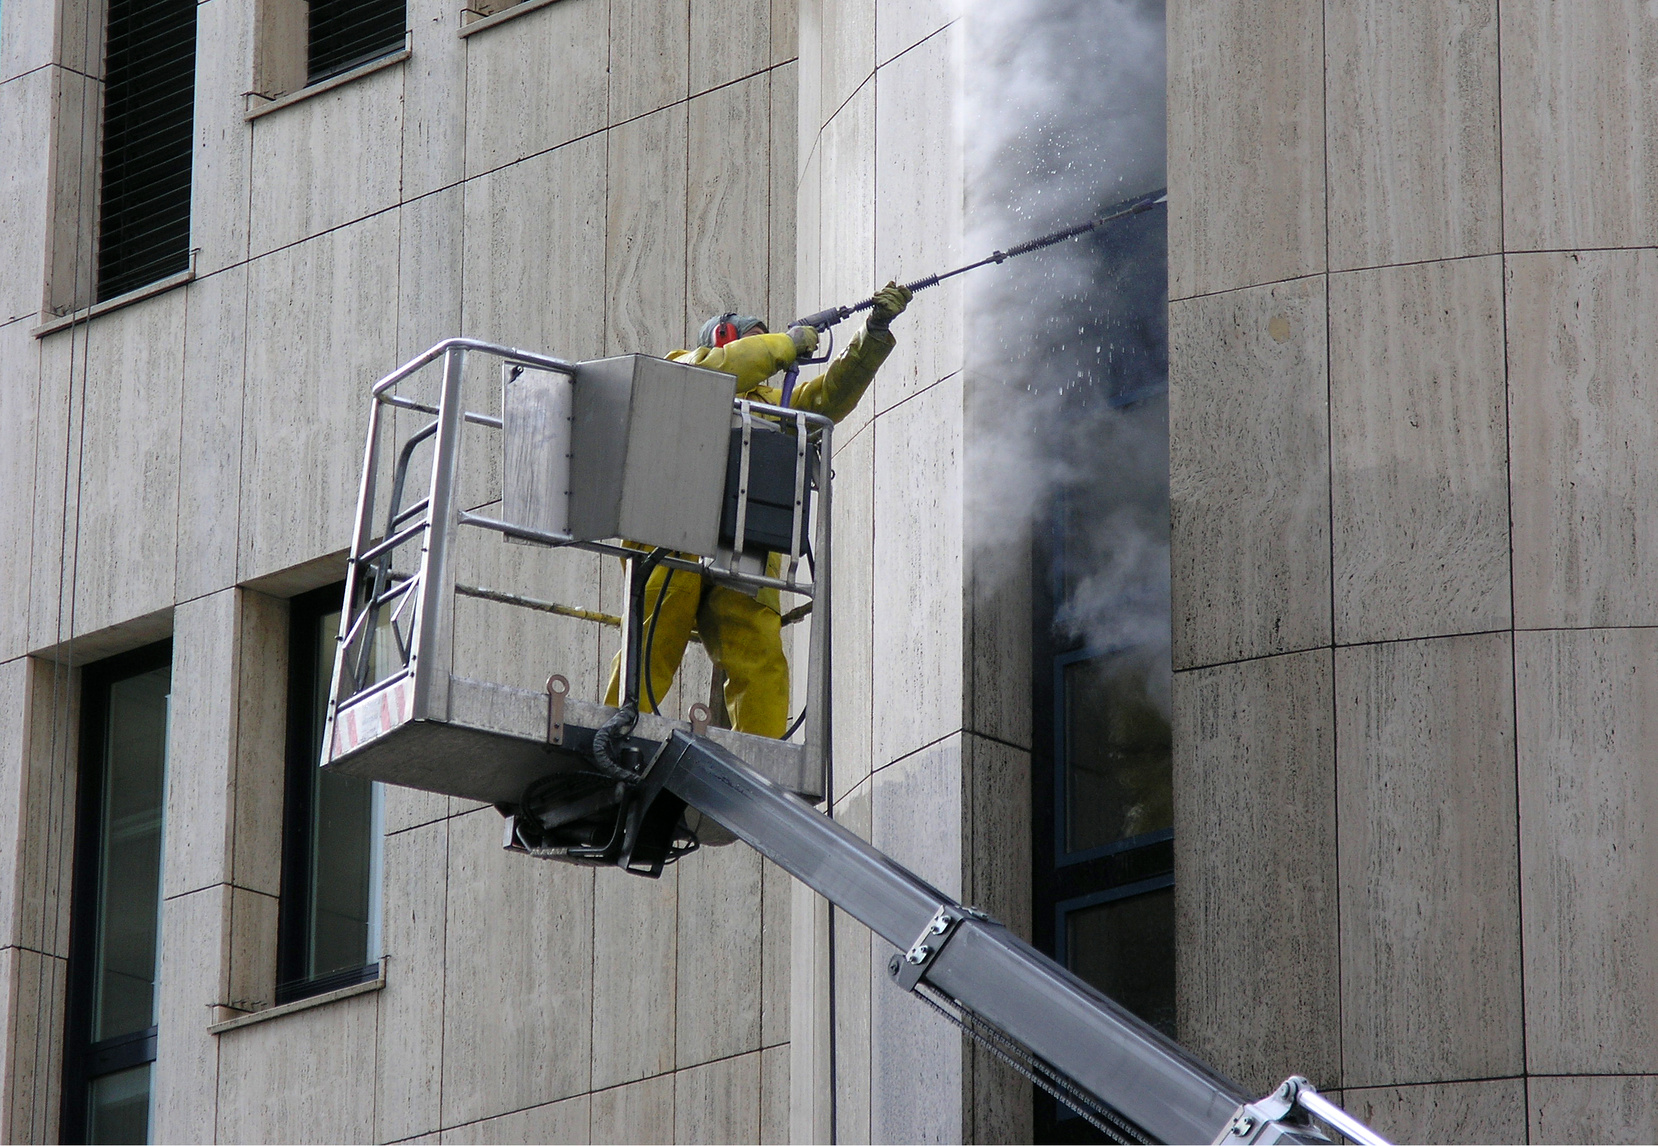 La Propreté brille par son dynamisme - Facilities, site du Facility management